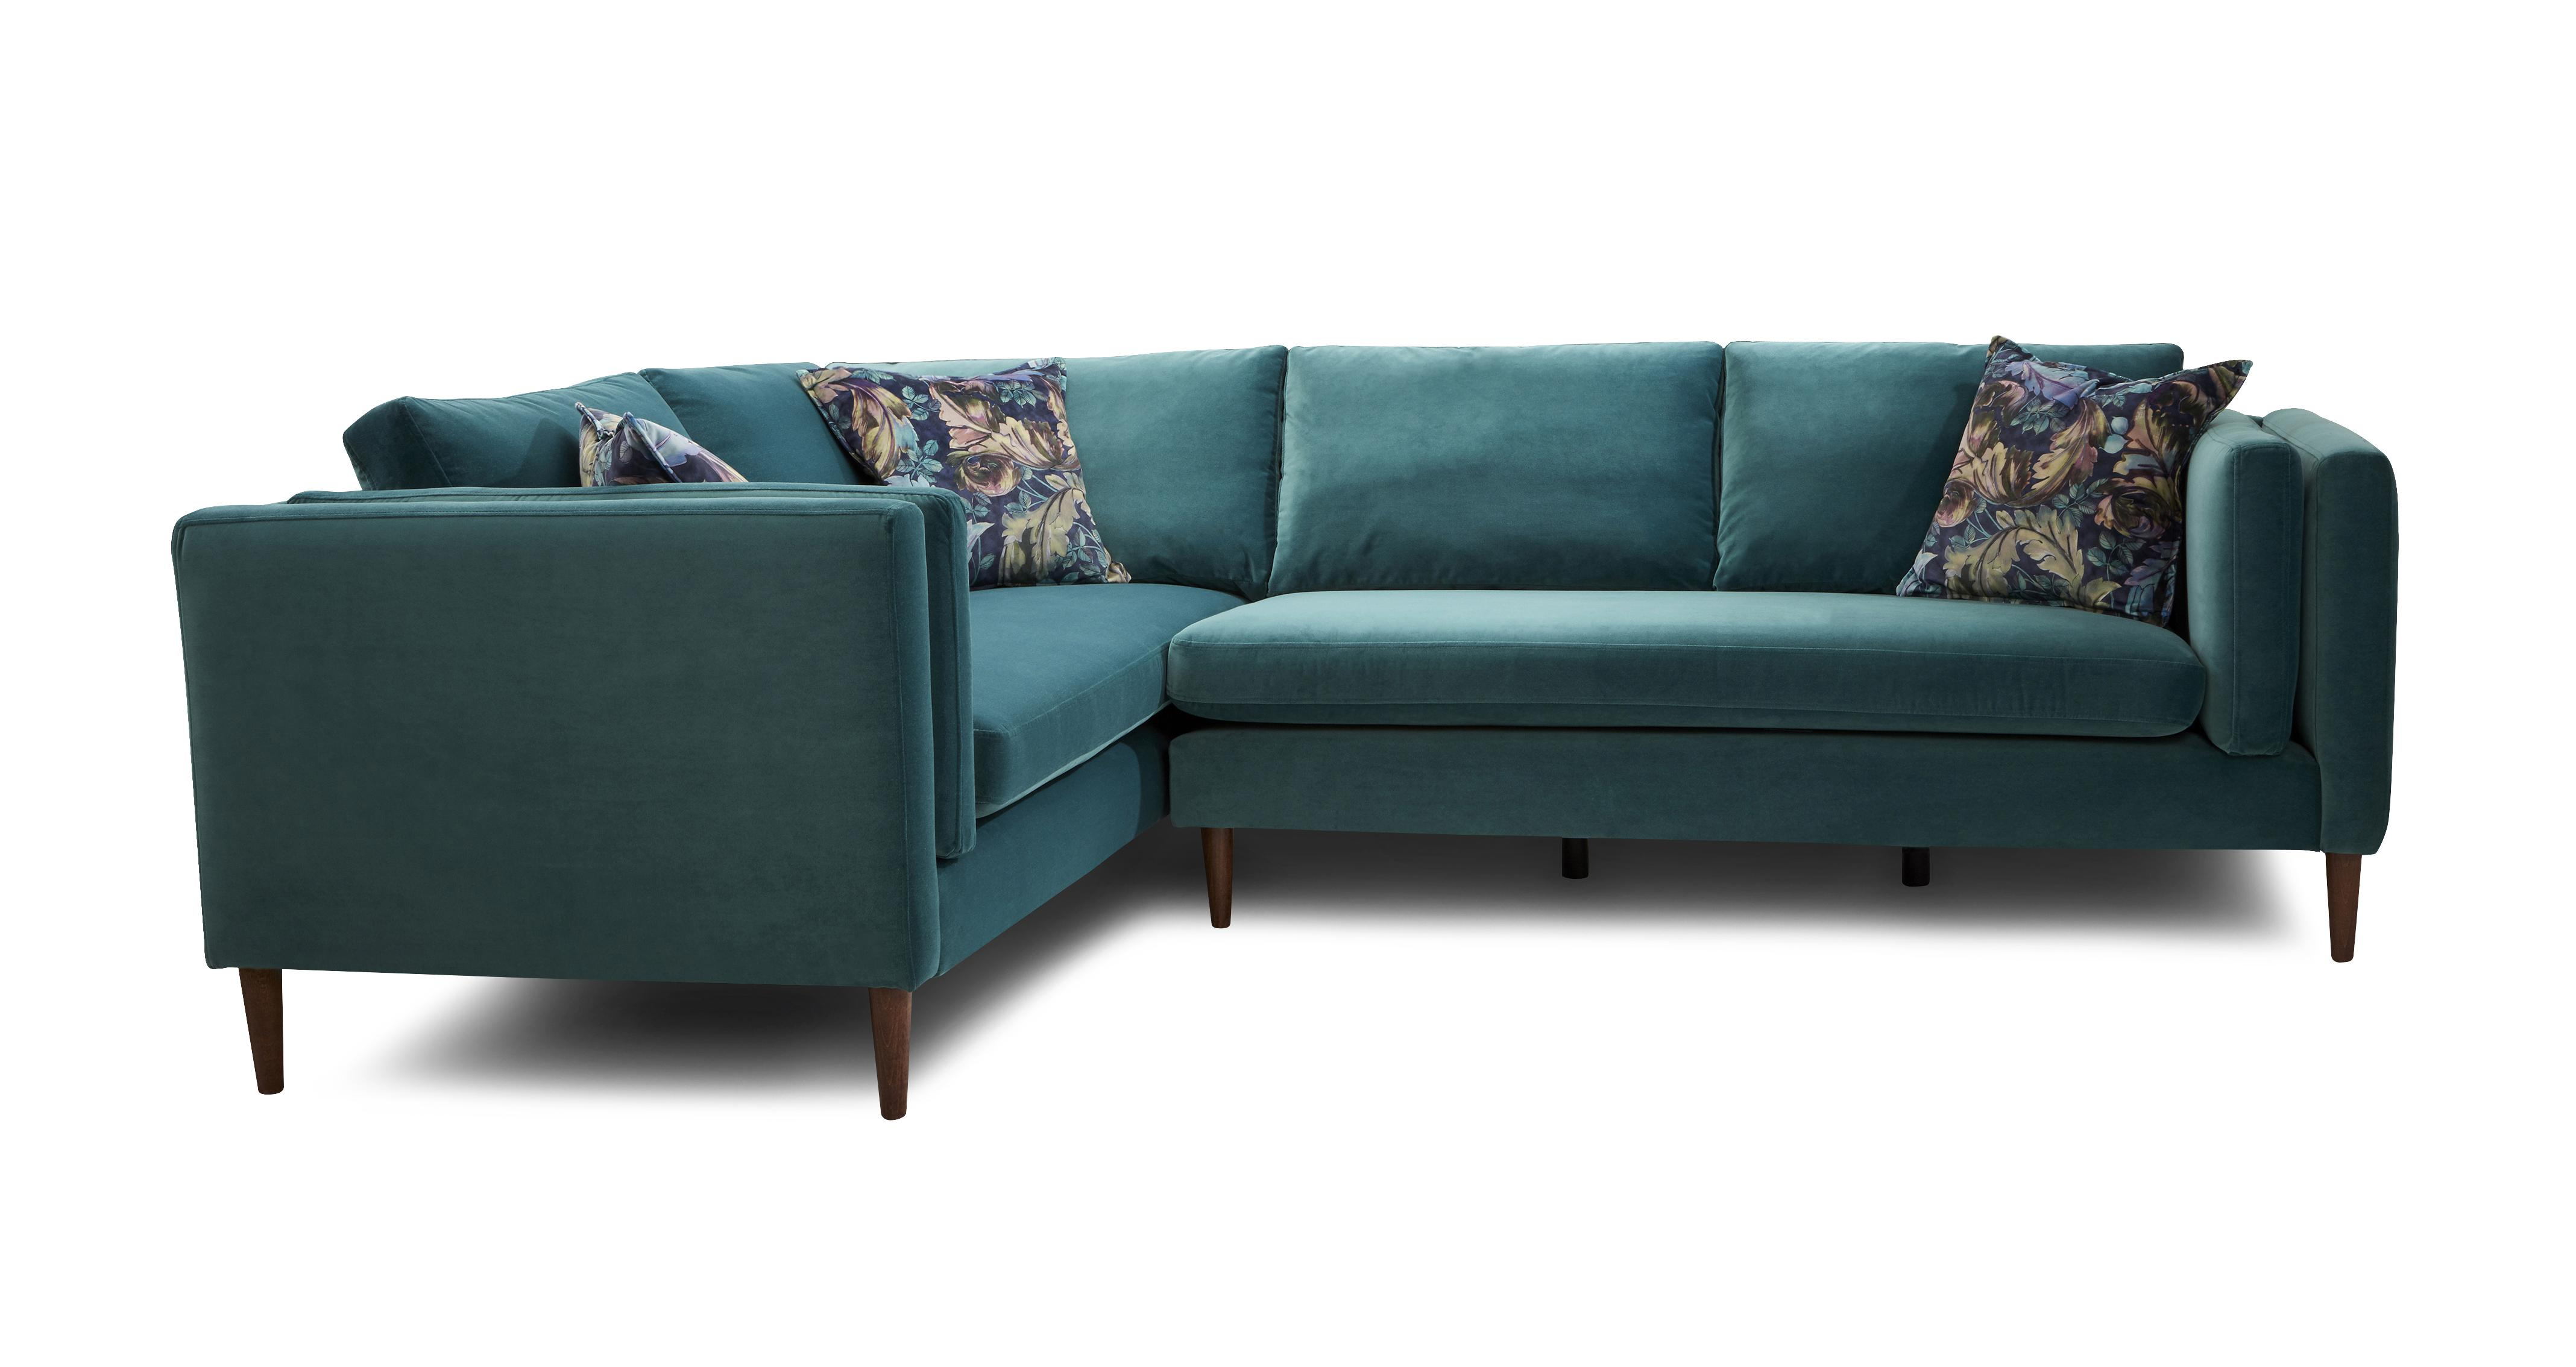 eden large sofa luxe velvet dfs rh dfs co uk Bolia Sofa Velour 1920s Velour Sofa